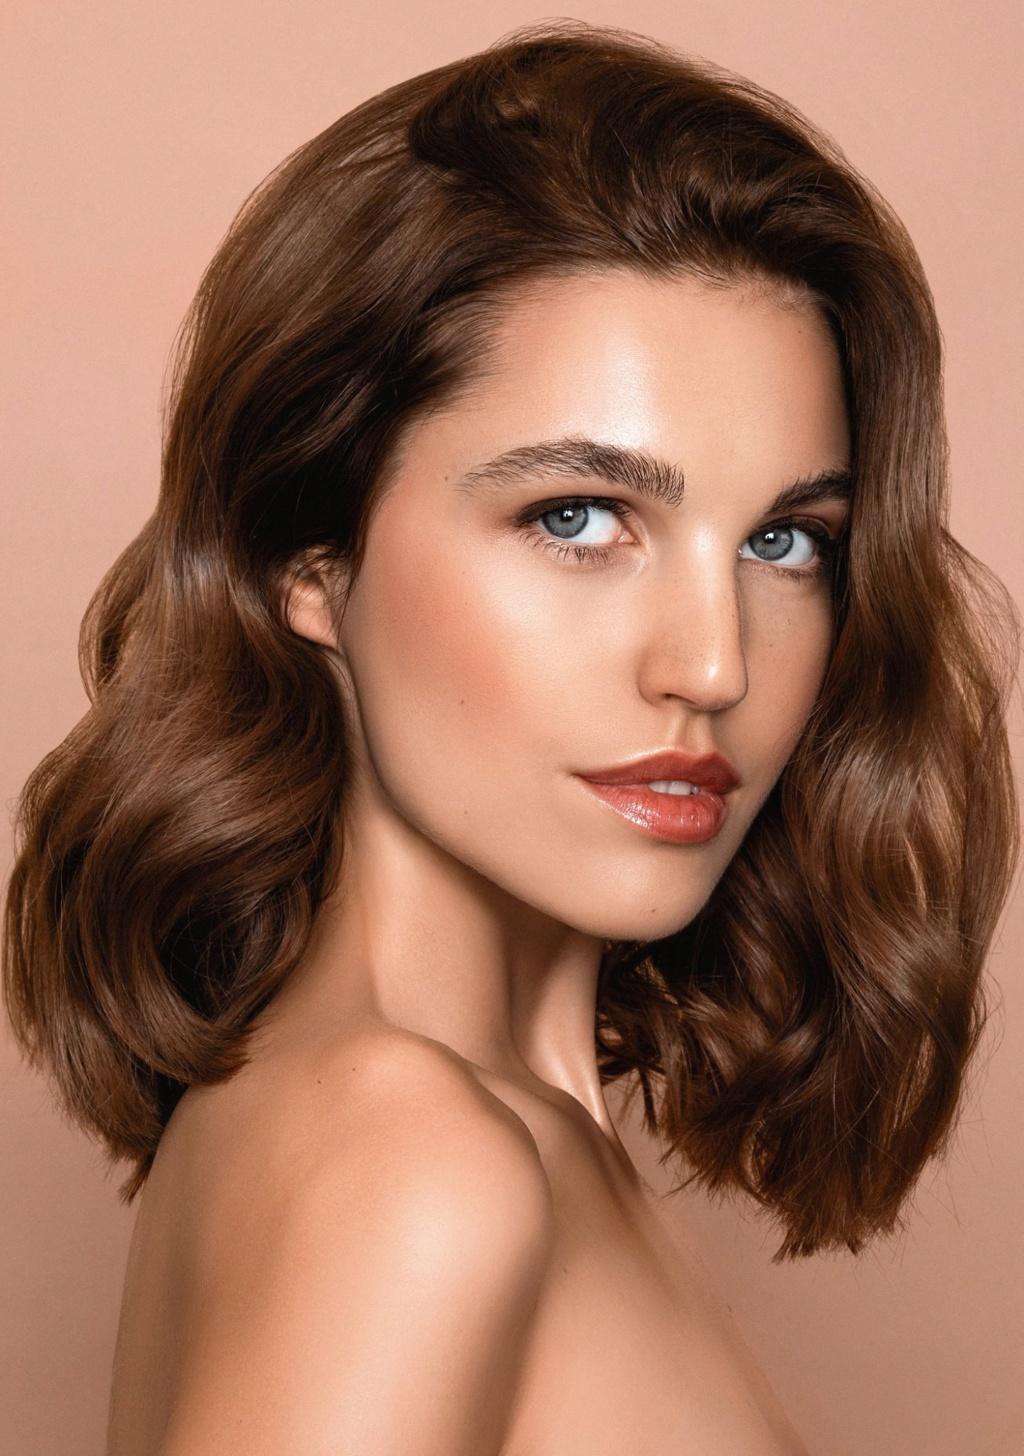 Miss Slovensko 2019 is Frederika Kurtulikova - Page 2 51586911